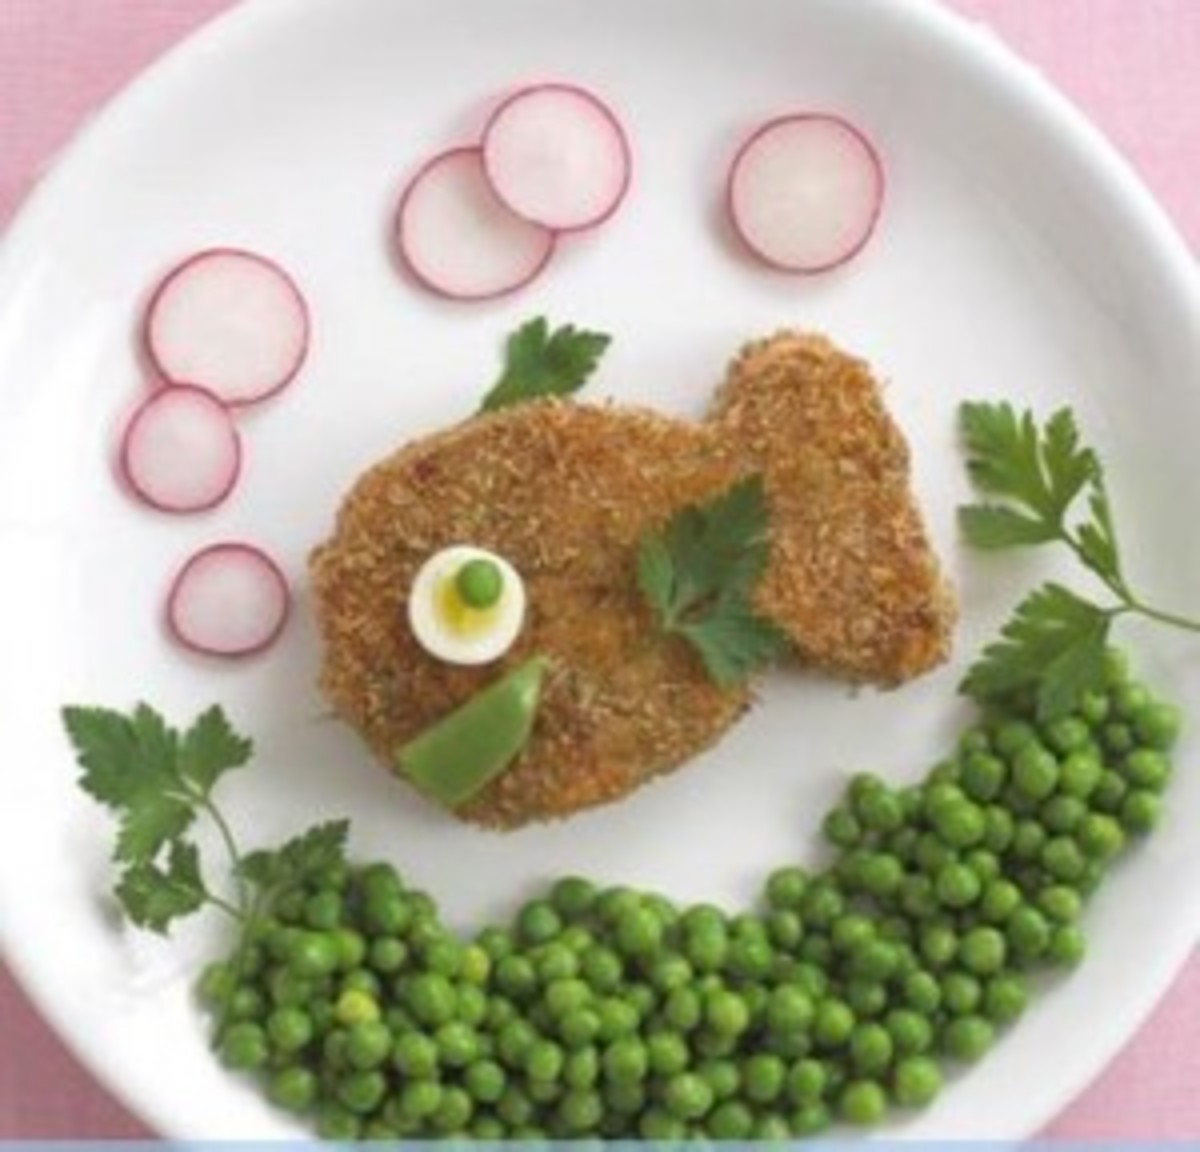 Fishy Sandwich